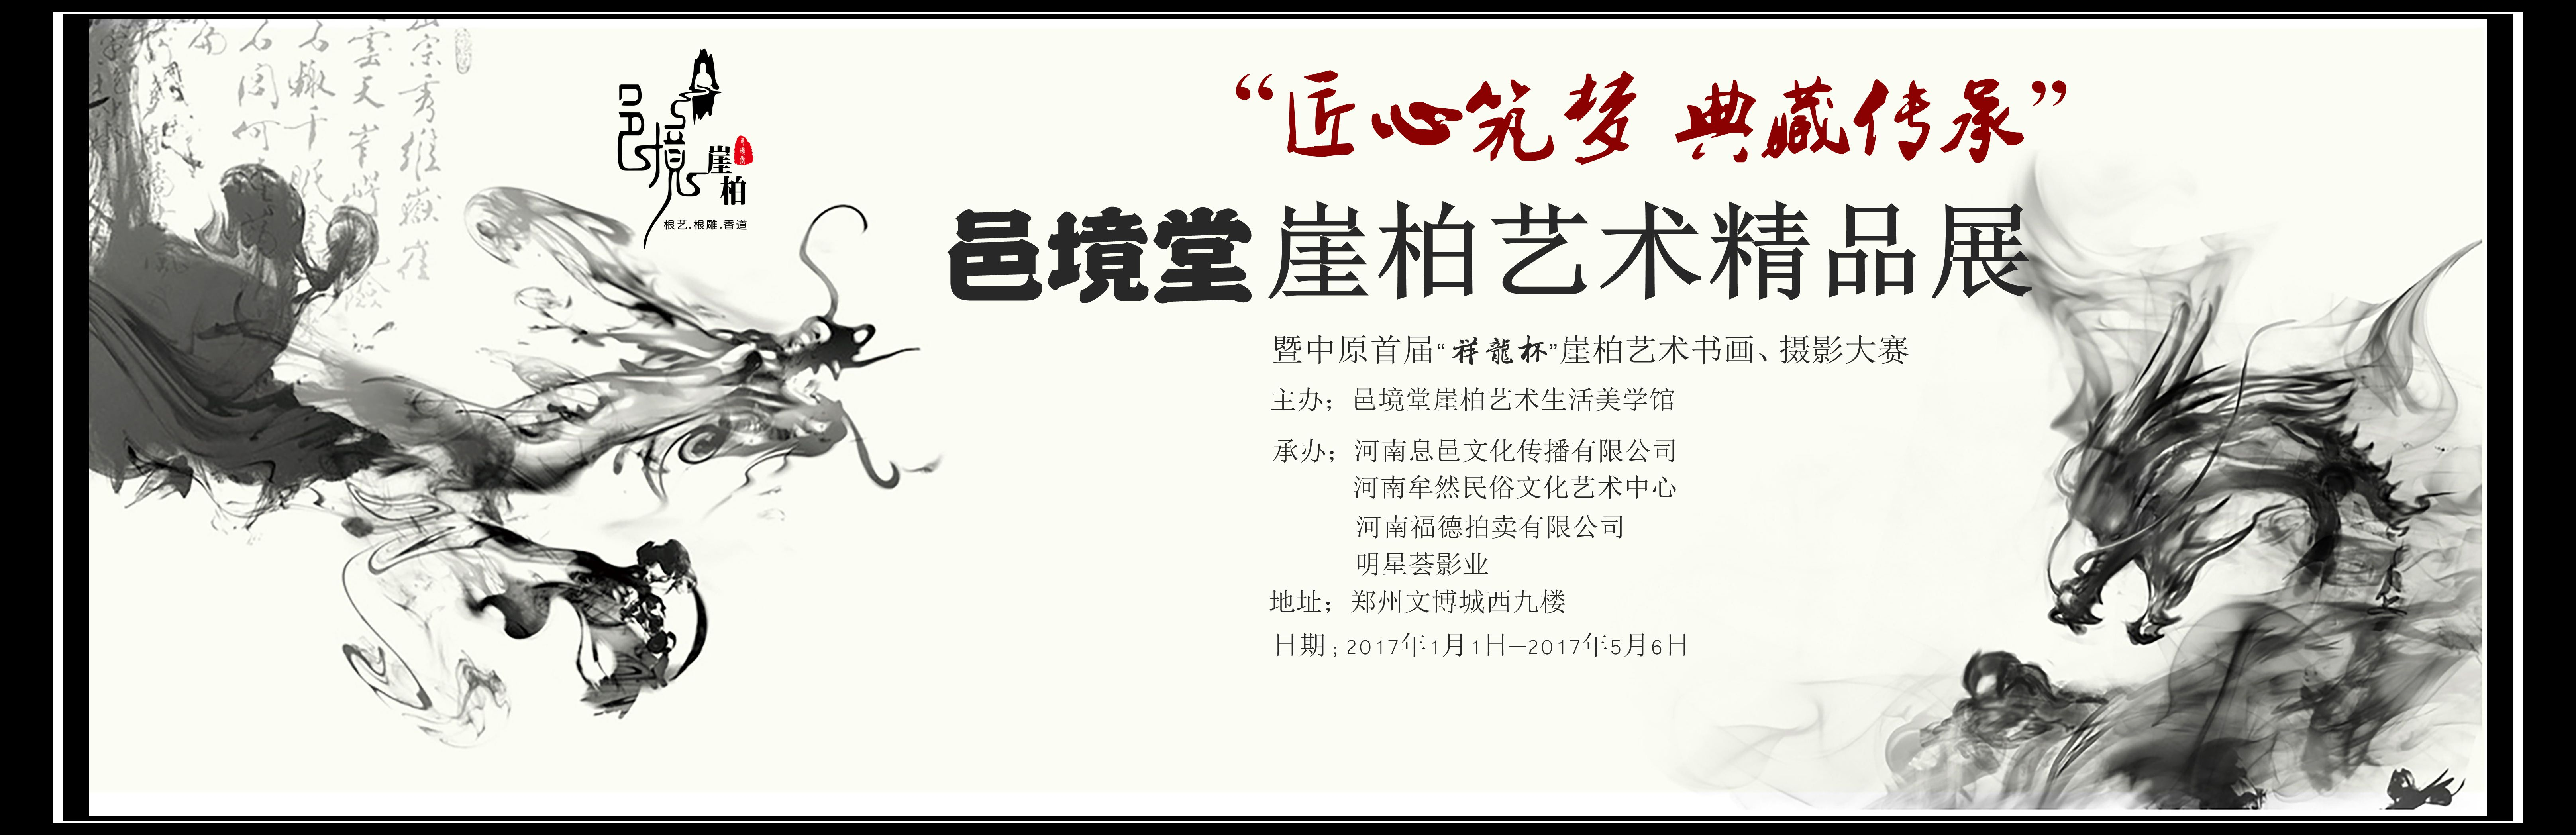 """中原首届""""祥龙杯""""崖柏艺术书画摄影大赛邀请函图片"""